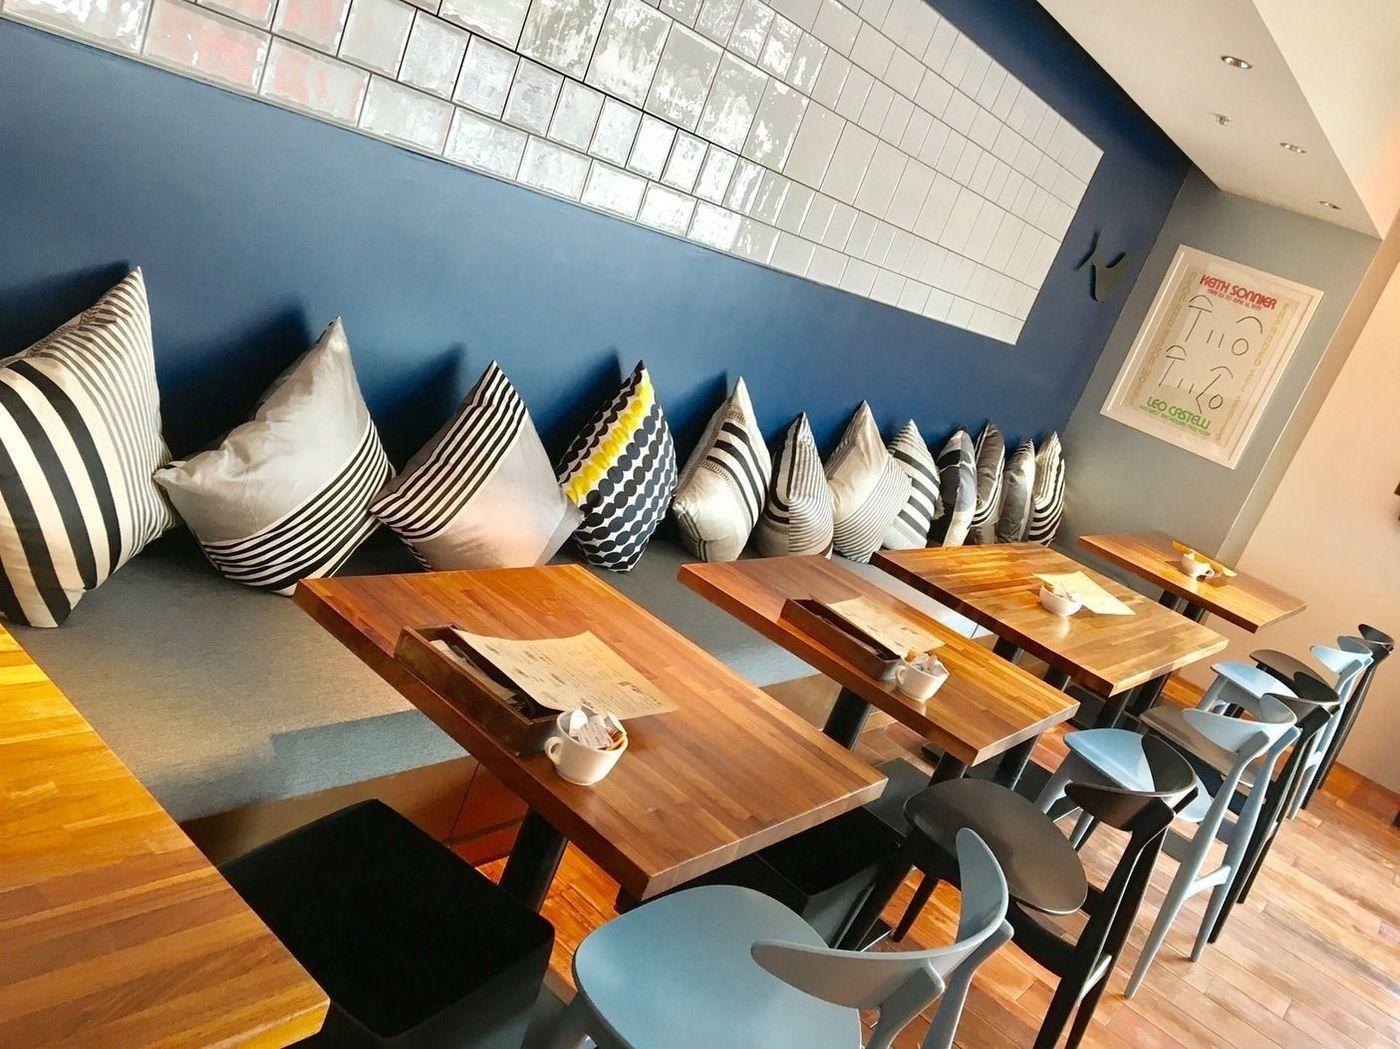 【徒歩1分から】有楽町駅周辺のカフェ15店をニーズ別にご紹介◎の画像